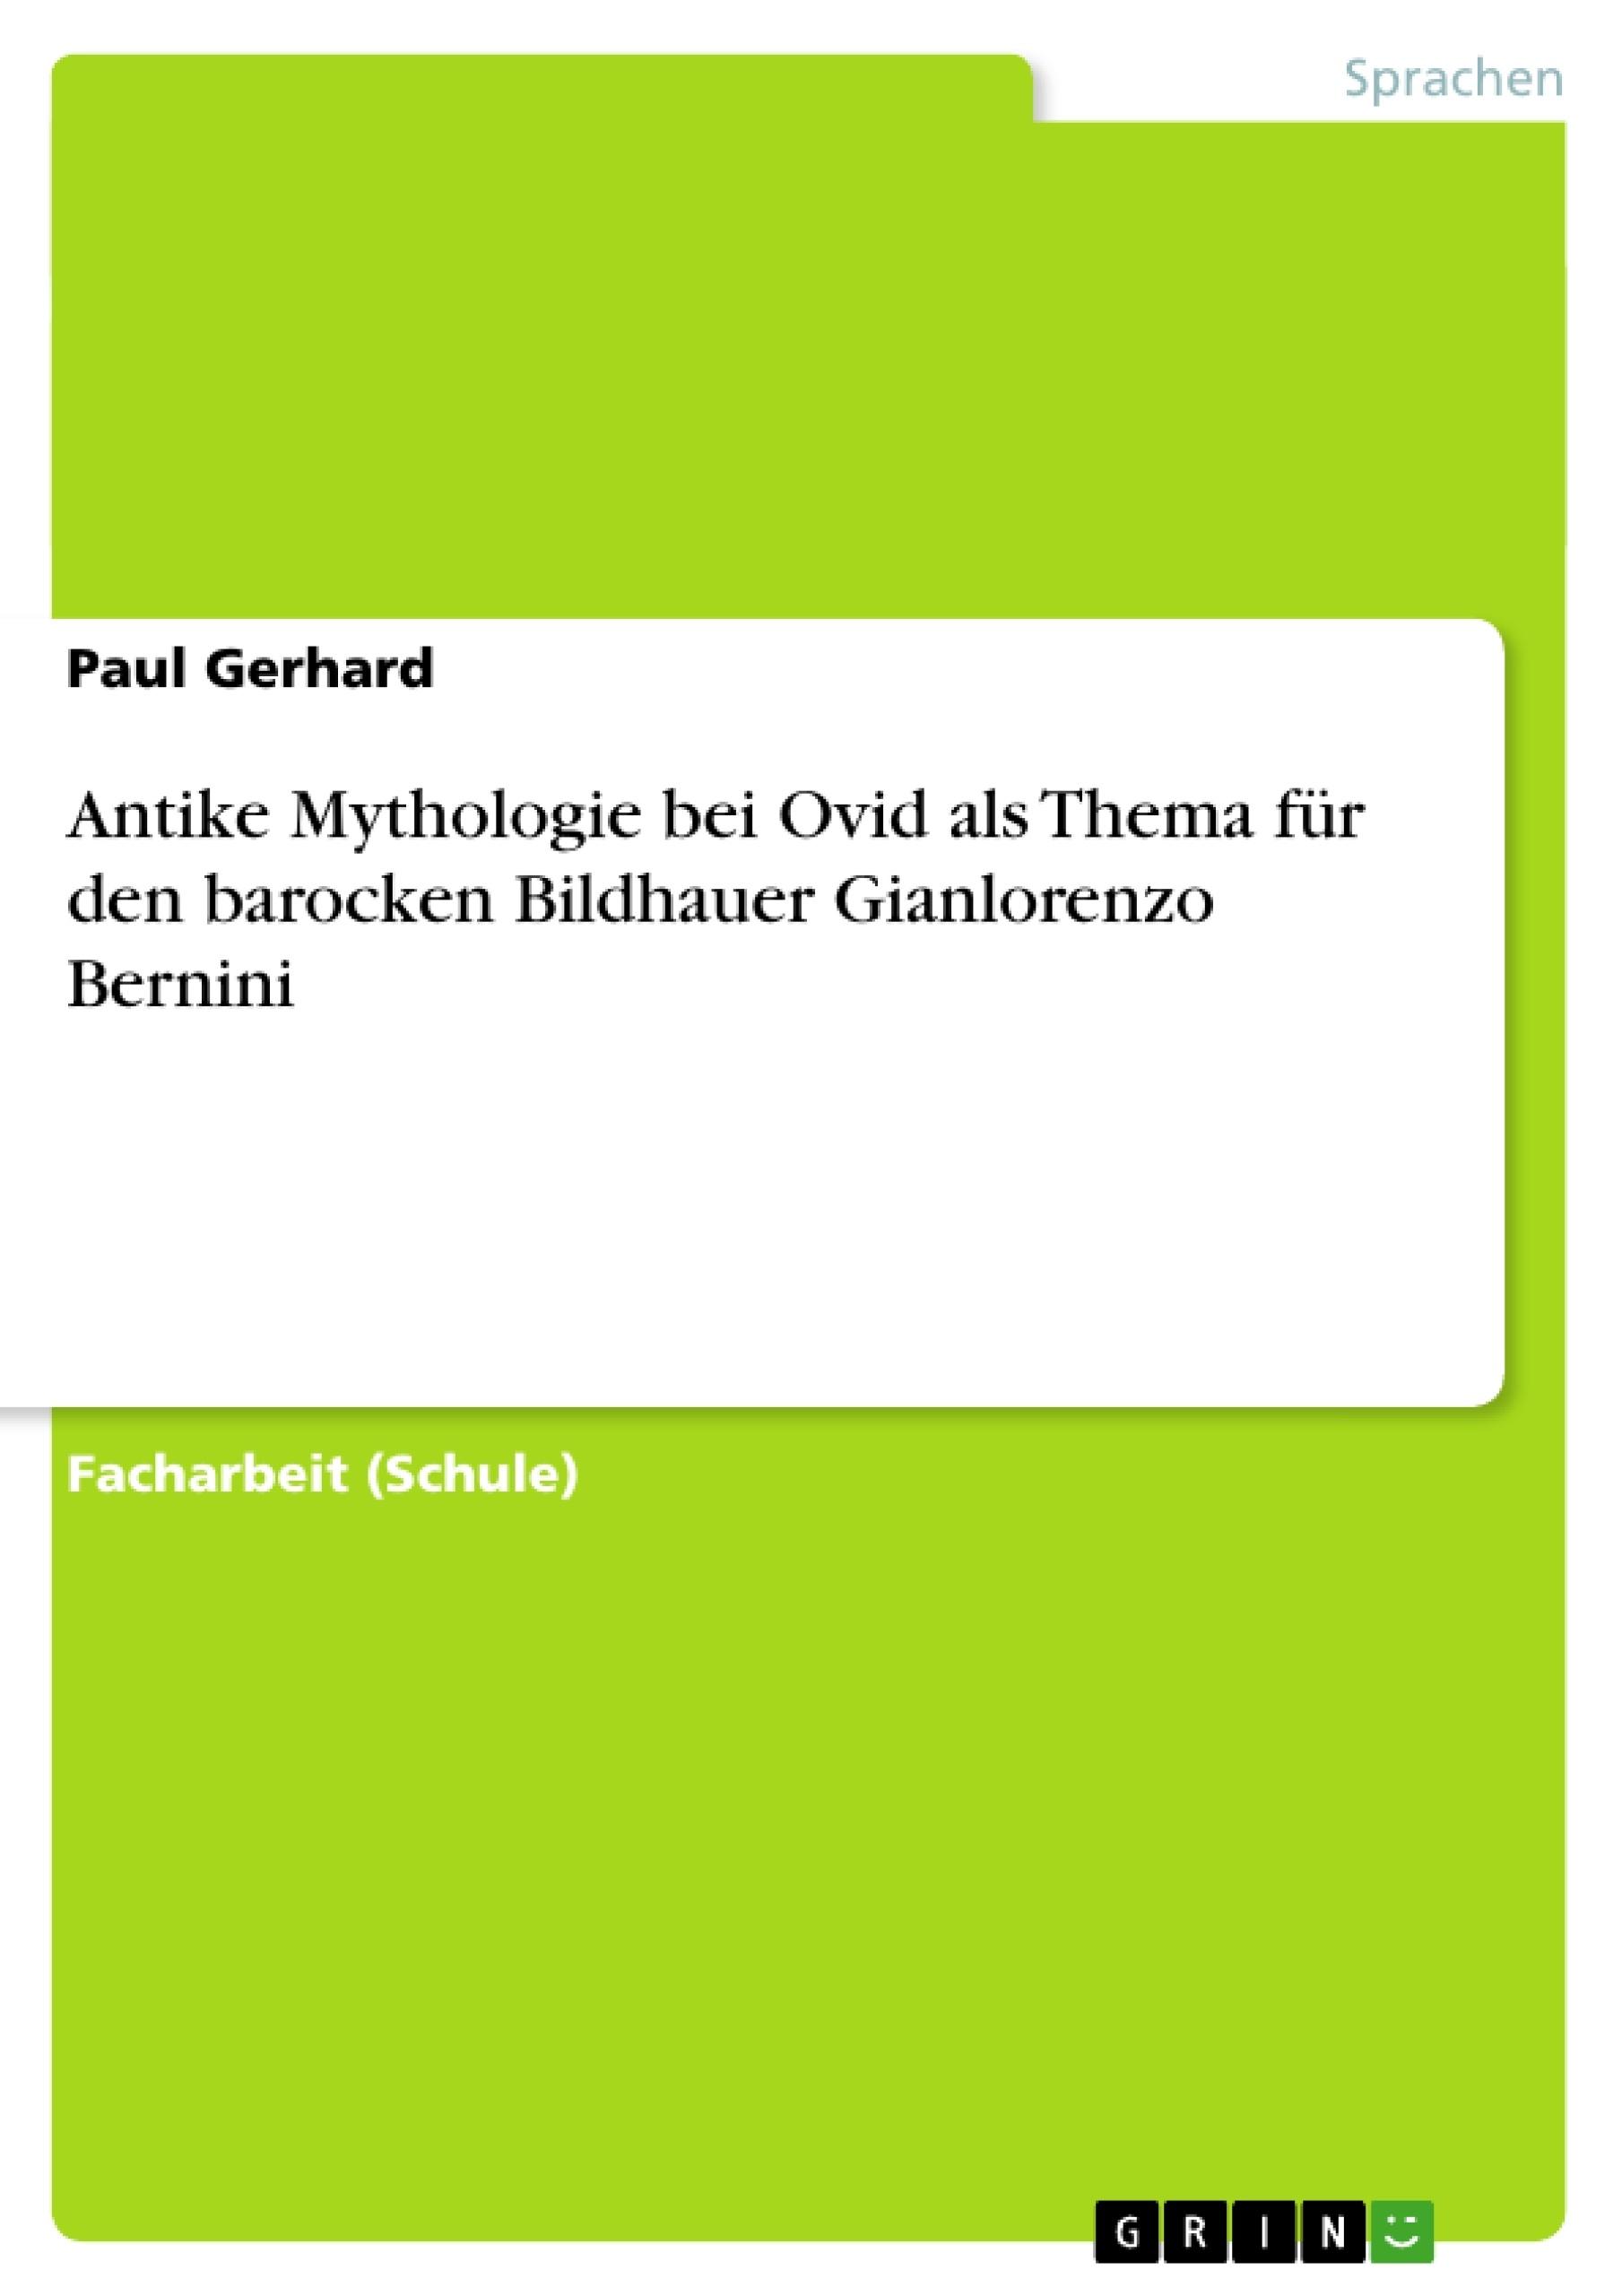 Titel: Antike Mythologie bei Ovid als Thema für den barocken Bildhauer Gianlorenzo Bernini